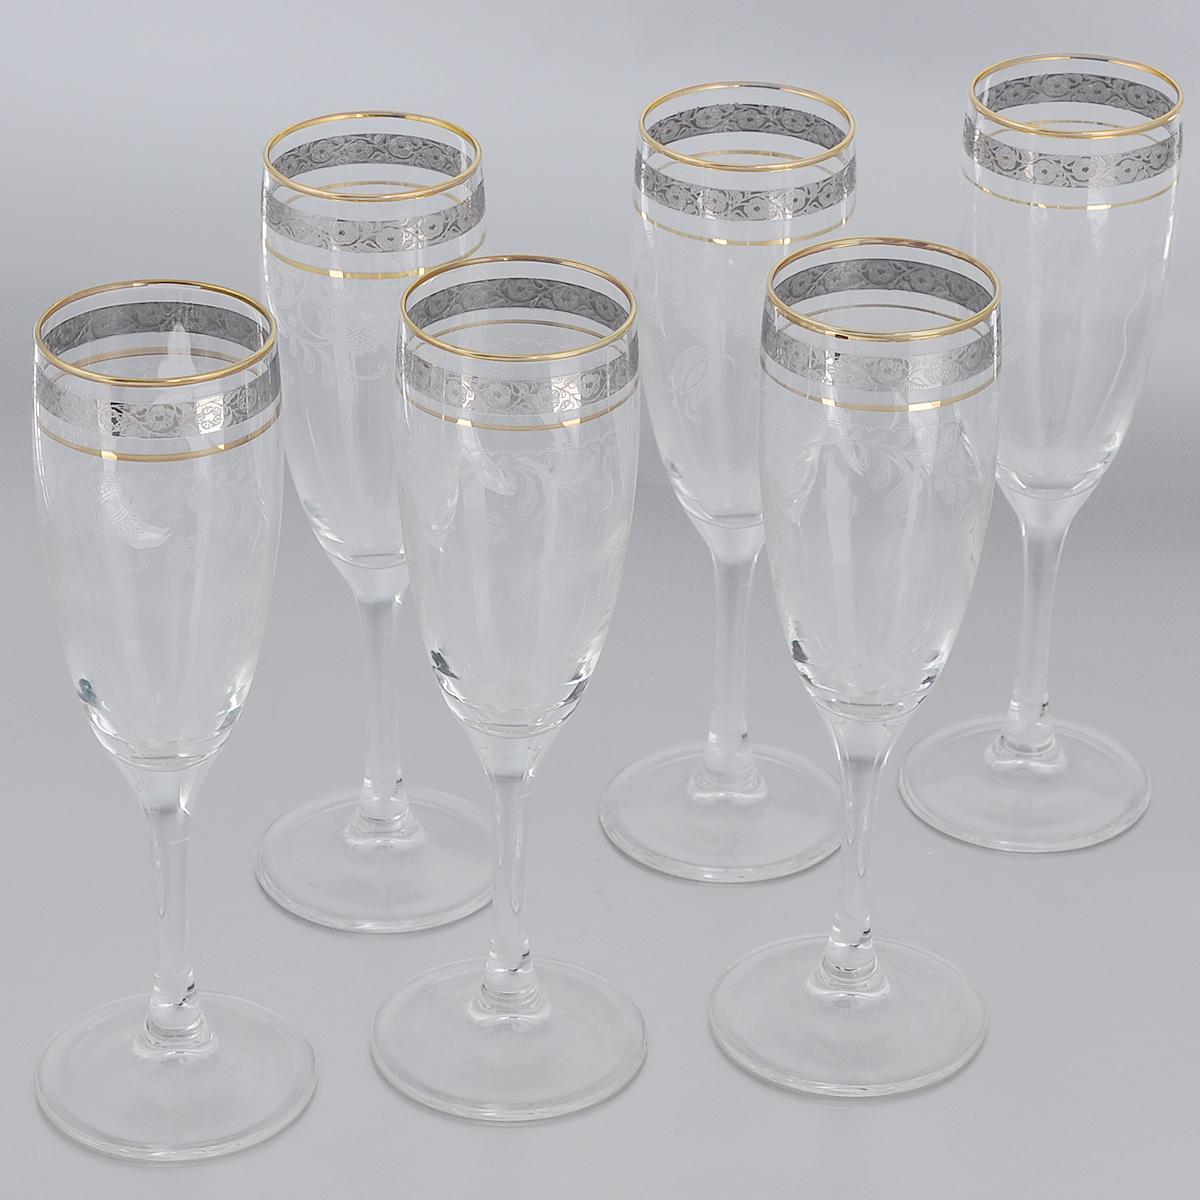 Набор бокалов Гусь-Хрустальный Нежность, 190 мл, 6 шт набор бокалов для бренди гусь хрустальный версаче 400 мл 6 шт